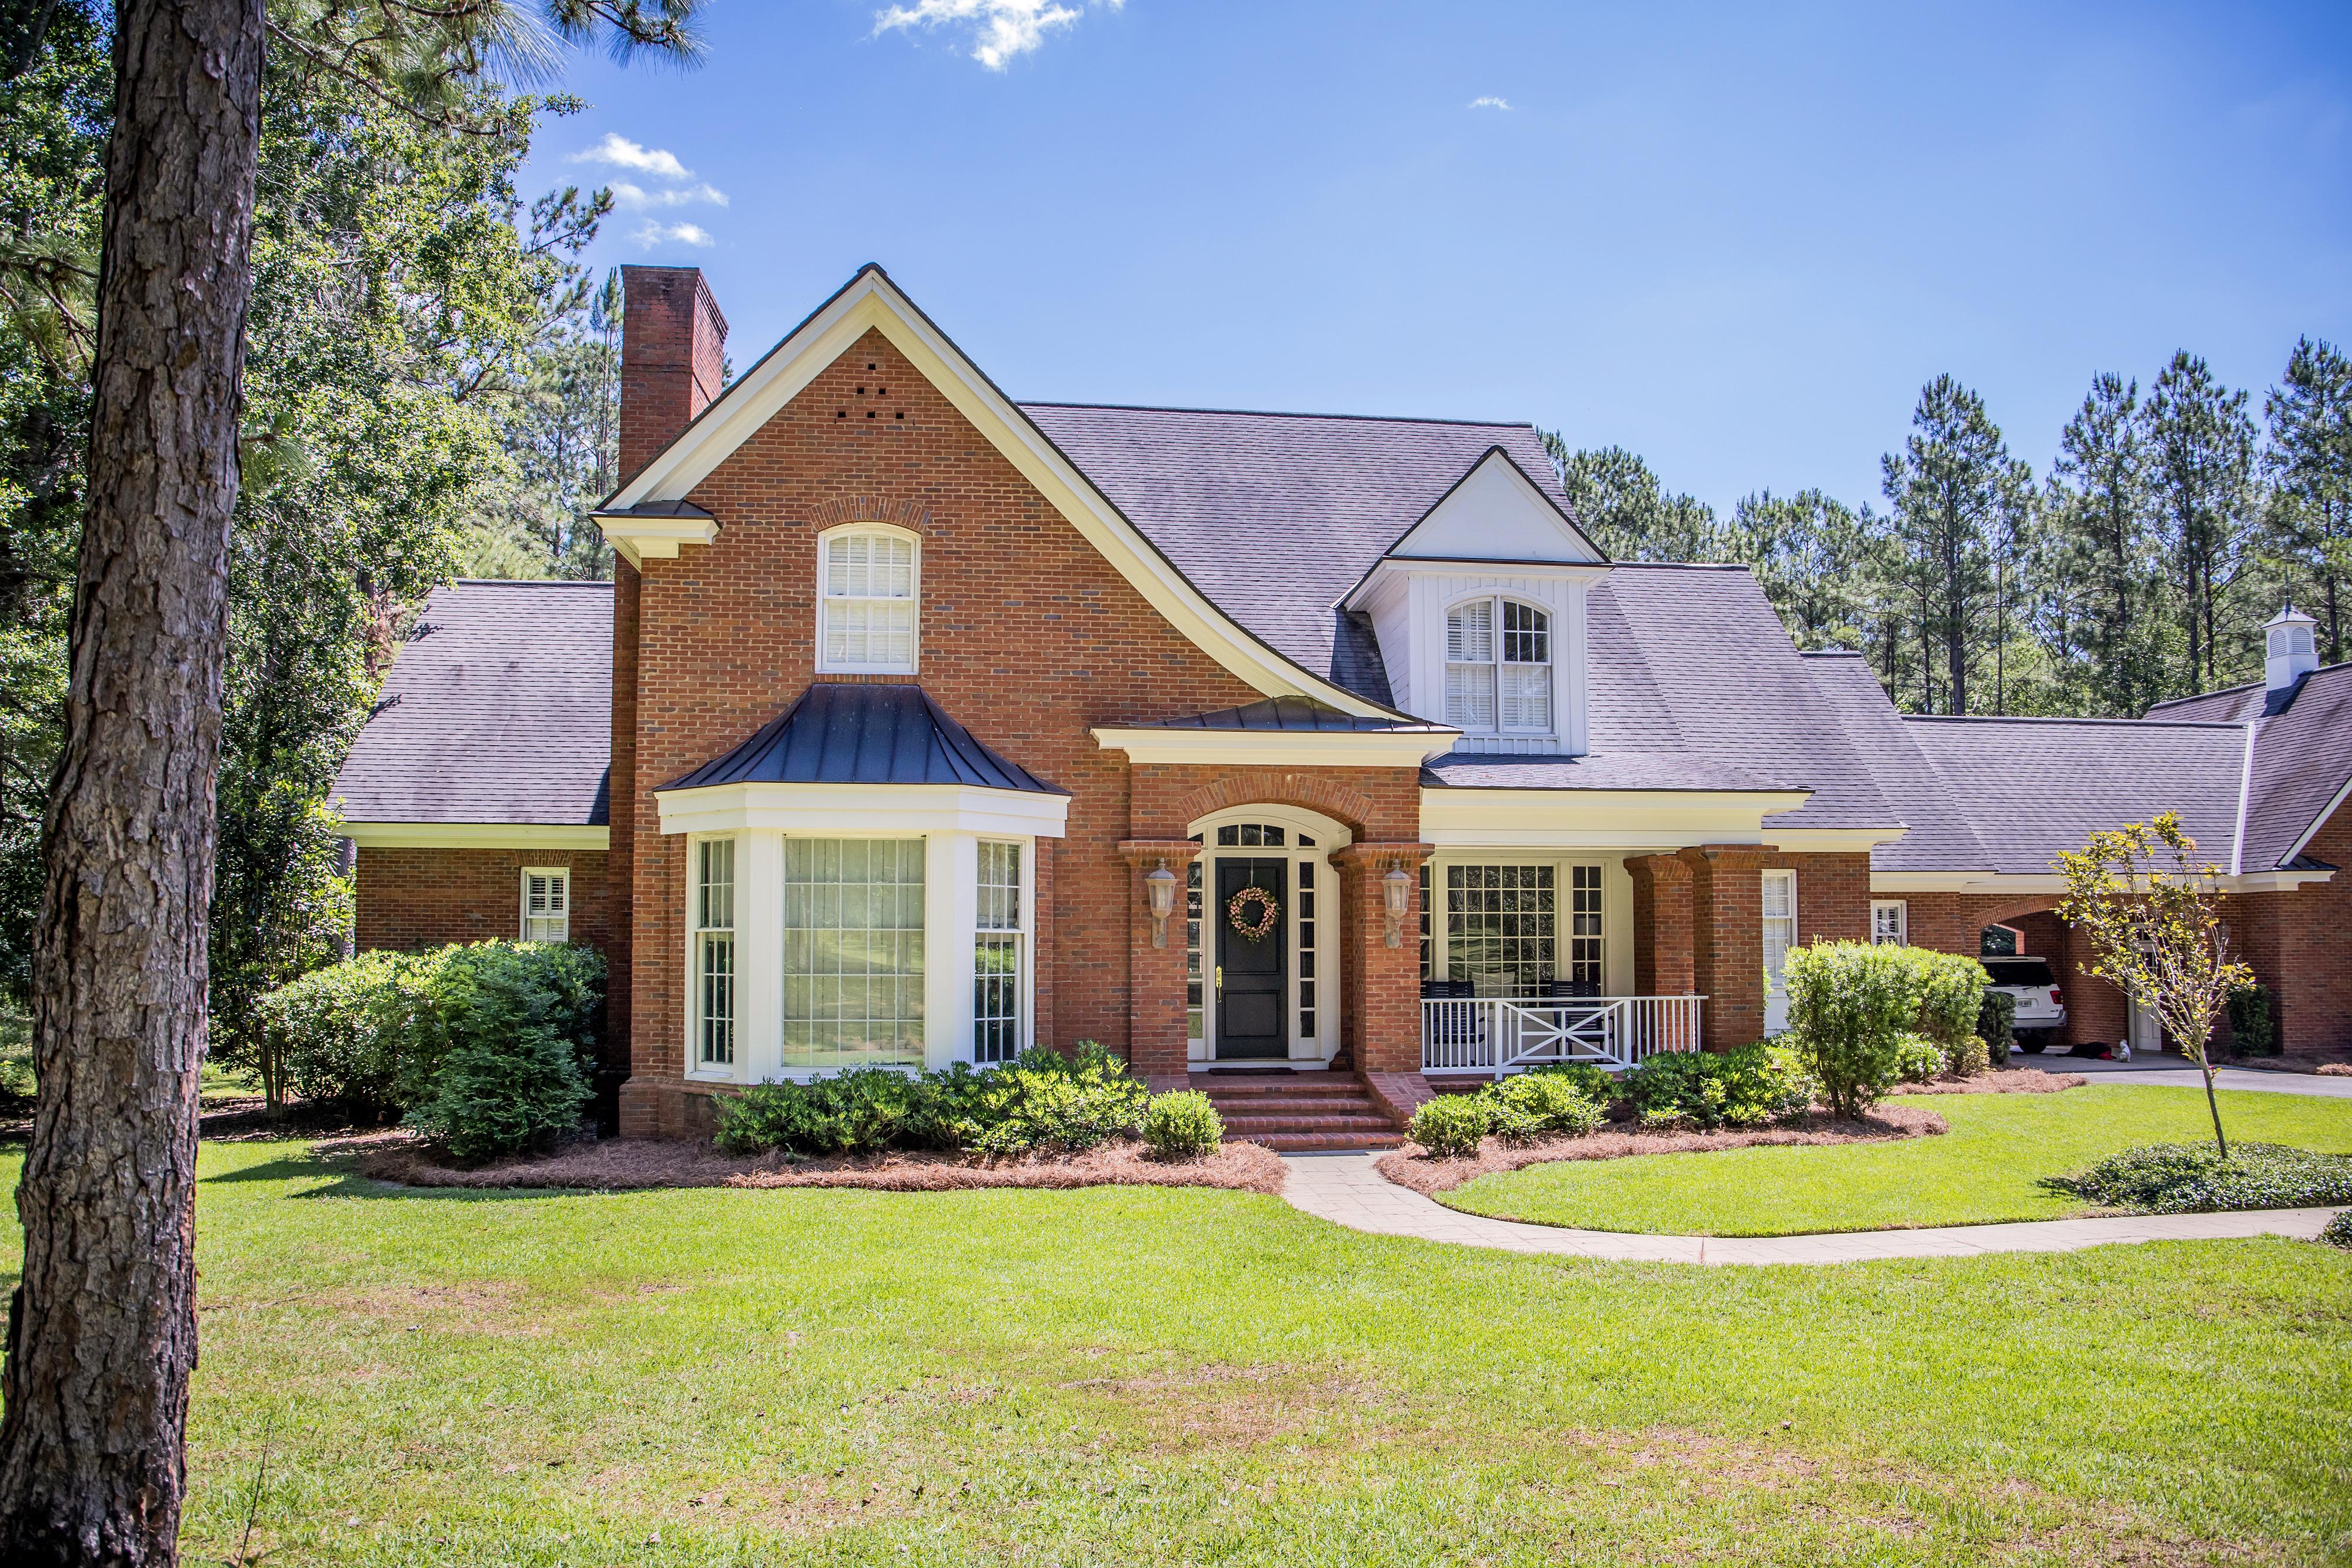 Arkansas Home Exterior